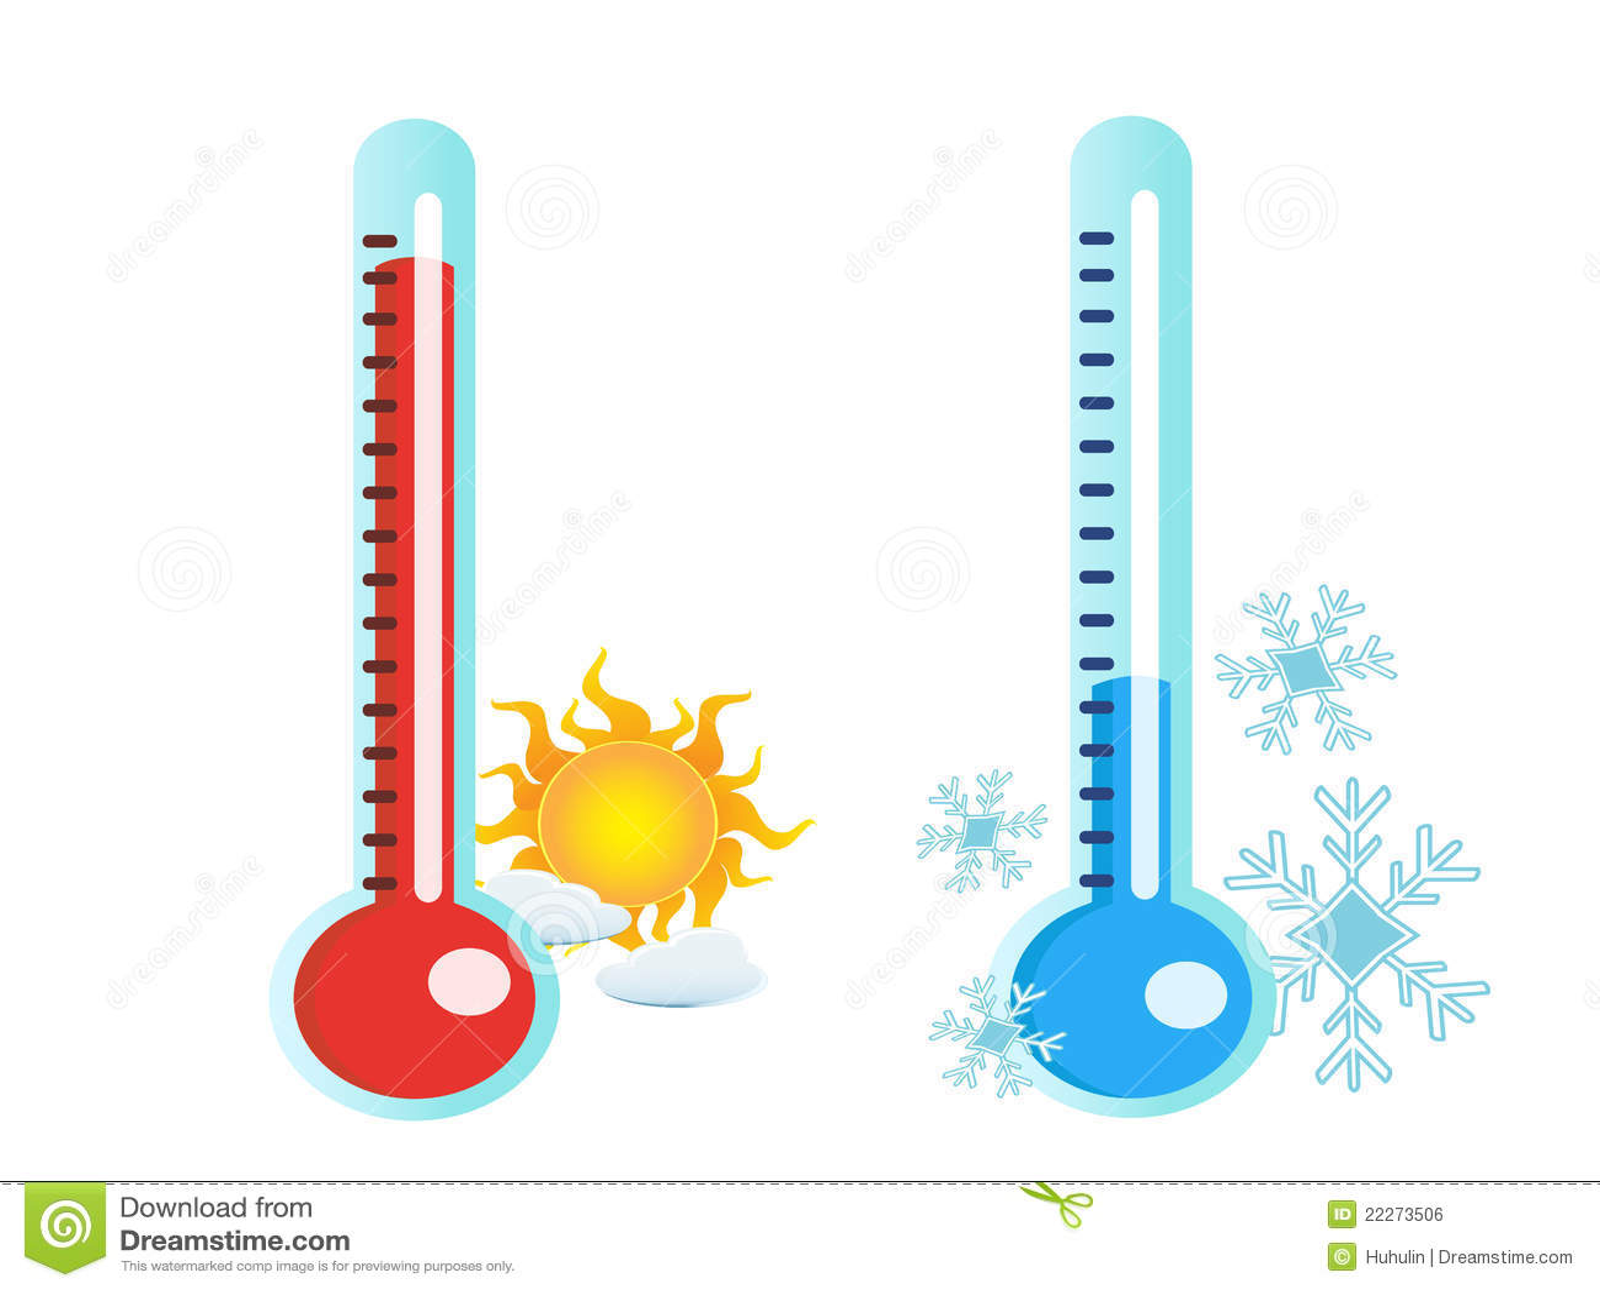 Termometro Na Temperatura Quente E Fria Ilustracao Do Vetor Ilustracao De Termometro Temperatura 22273506 El termómetro es un instrumento de medición de temperatura. dreamstime